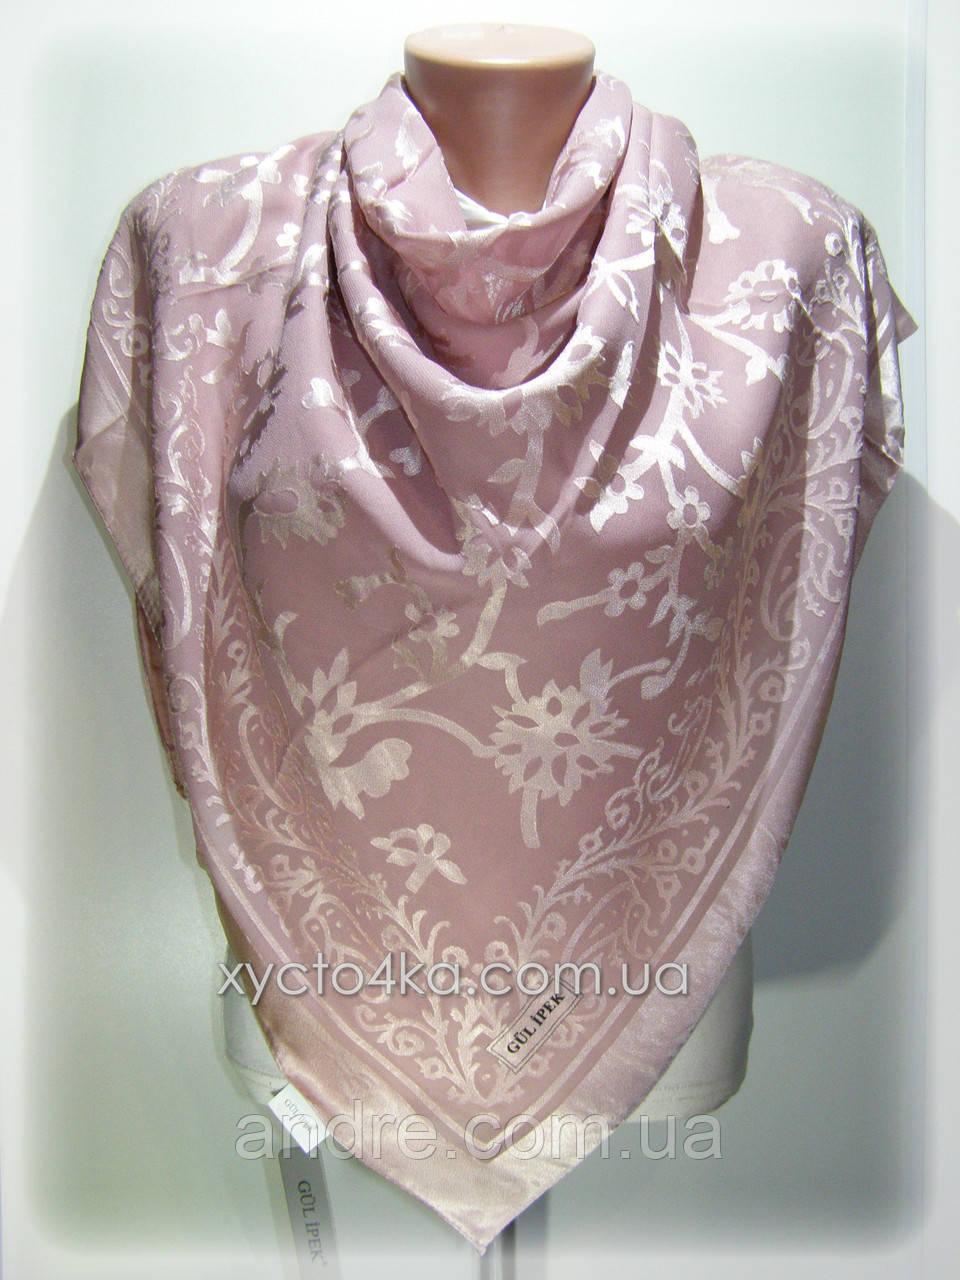 Шелковый платок Афродита, пудровый